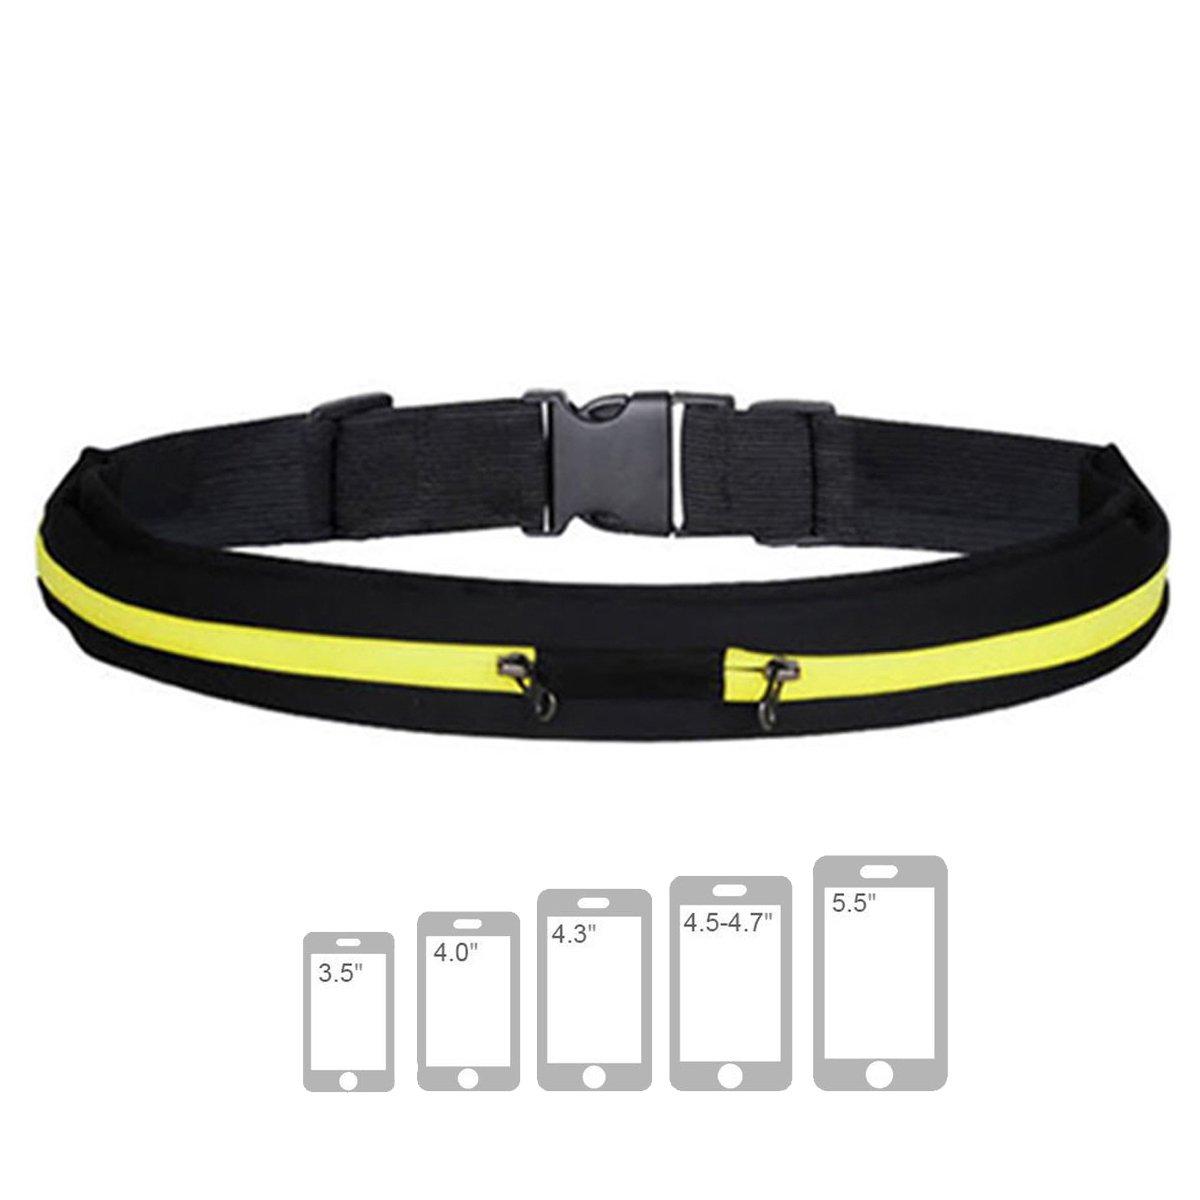 LUPO Marsupio Sportivo Running Cintura Regolabile con Zip di Chiusura Chiave per Run 6 Plus Galaxy S8 S7 S6 a TUTTI i Cellulari Escursionismo Bicicletta Viaggi per iPhone X 7 7 Plus 6